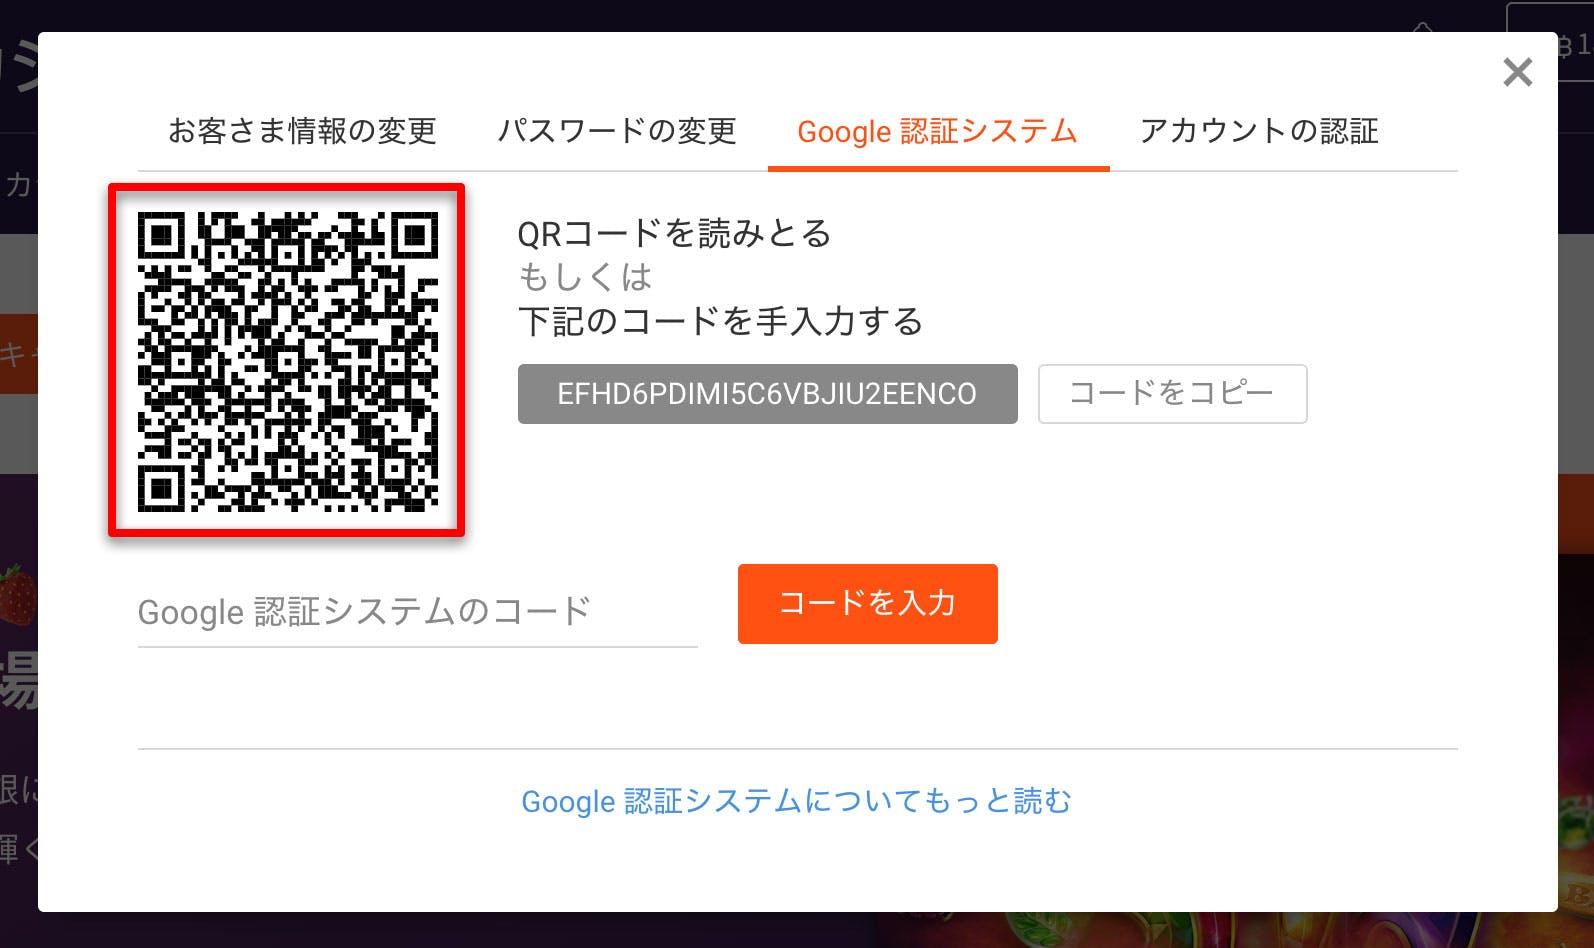 ビットカジノのGoogle認証システム画像